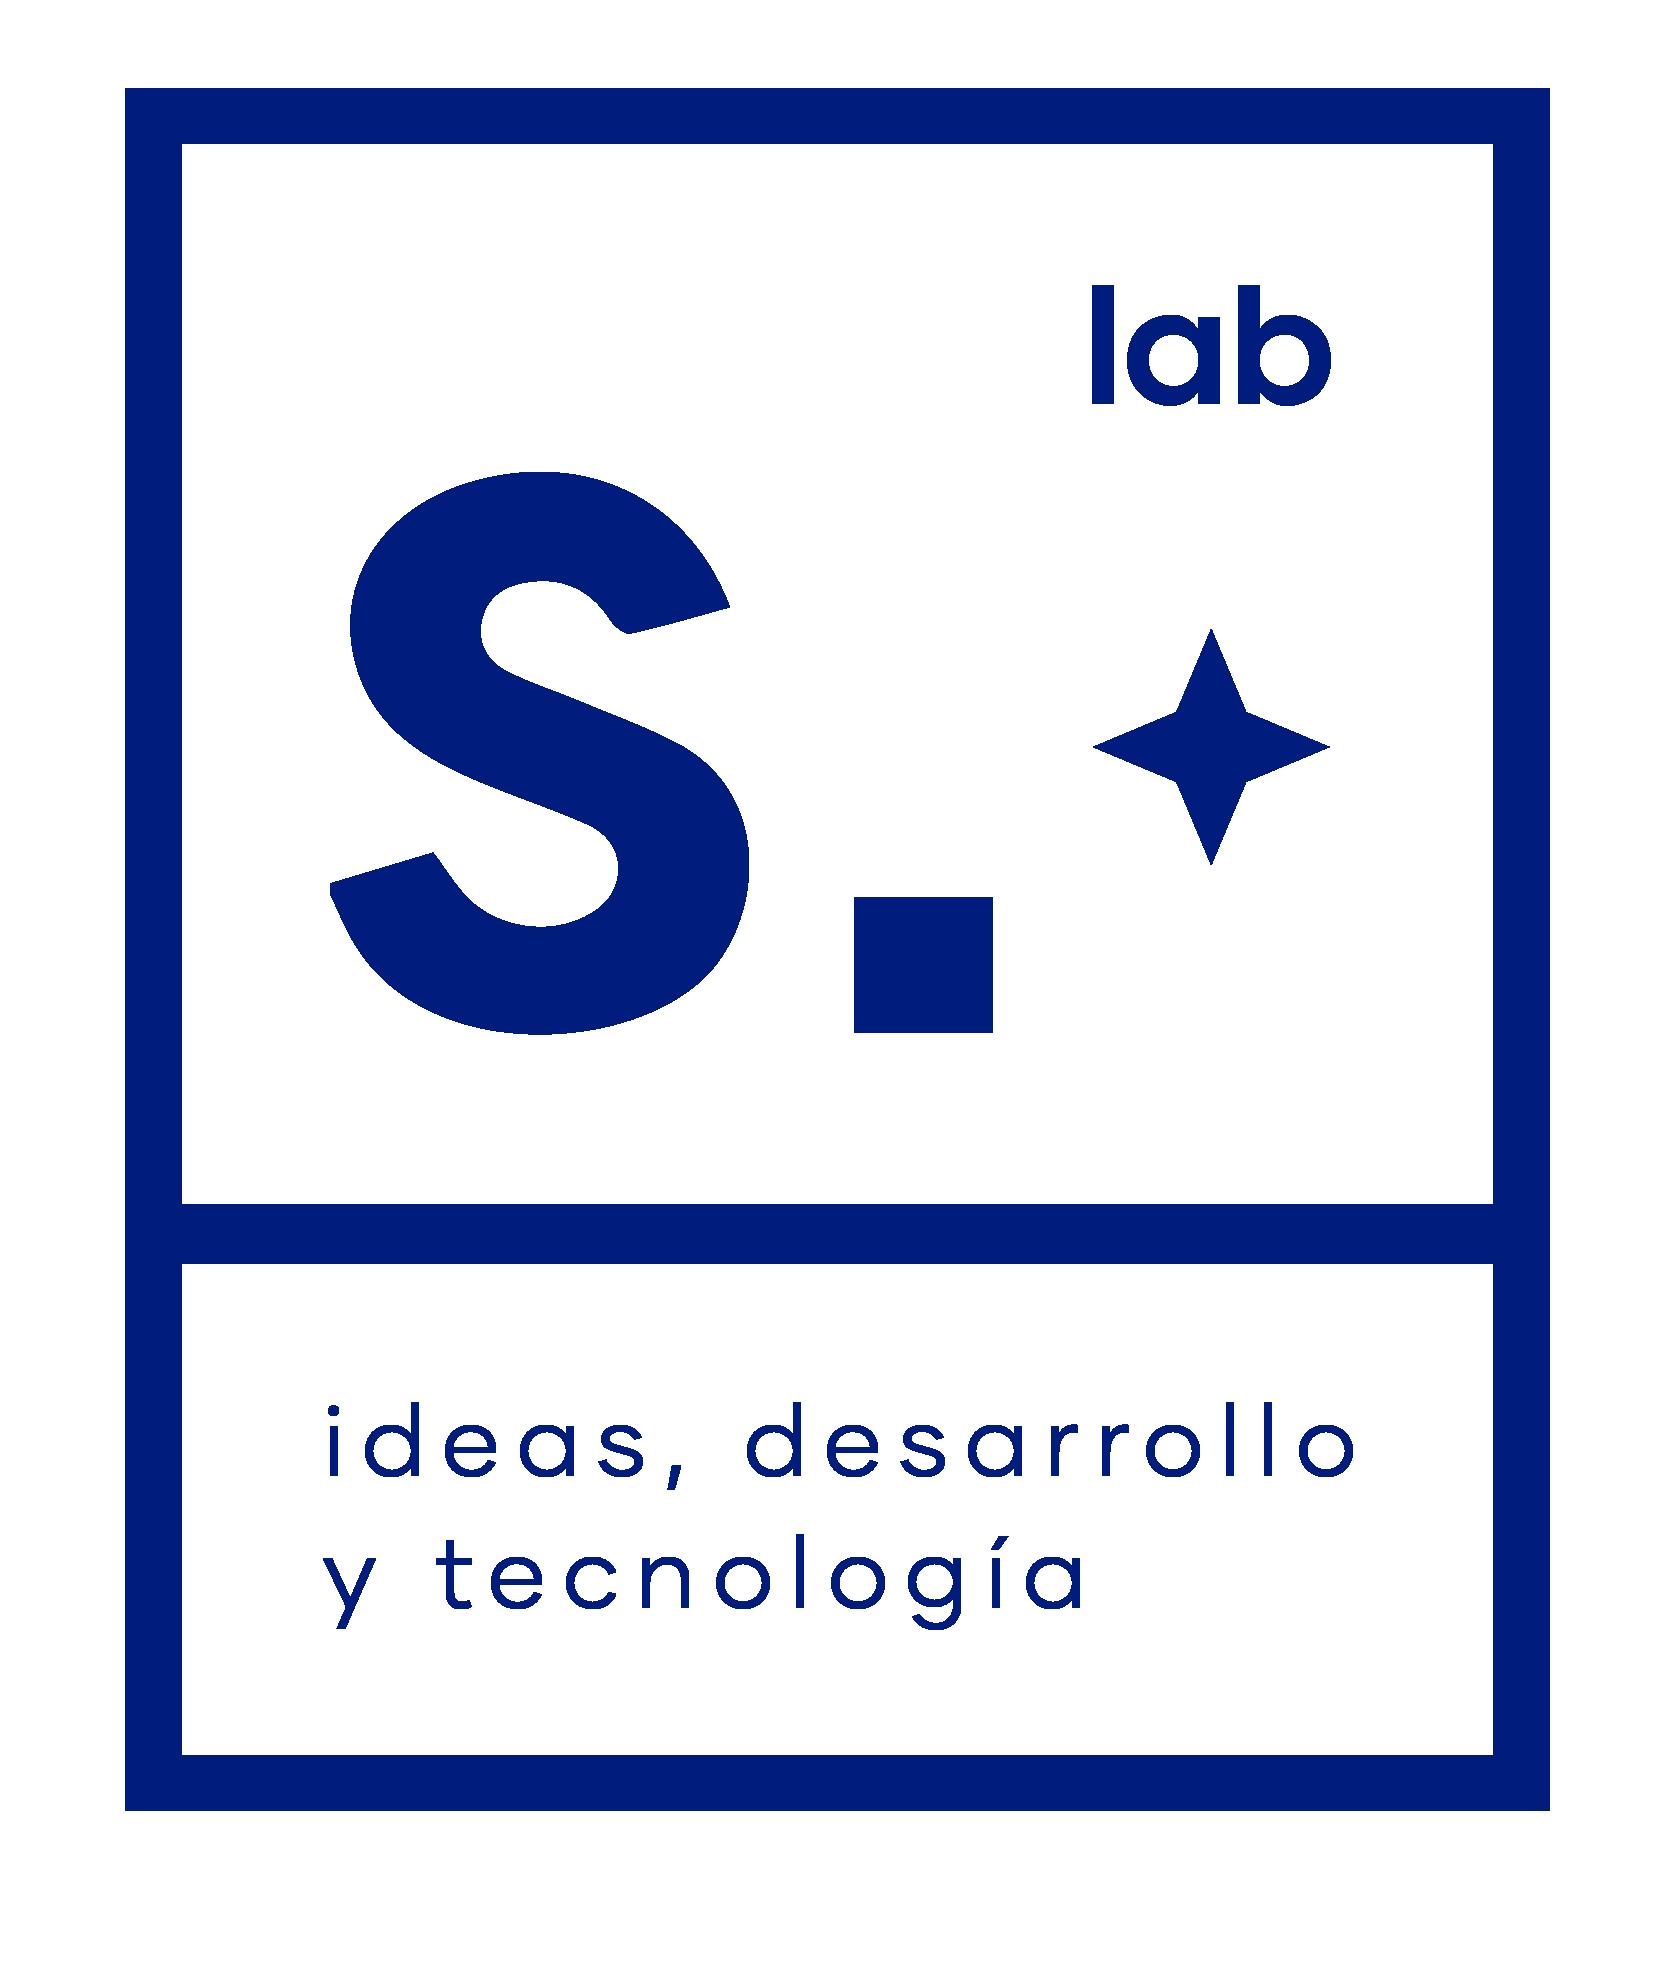 logos-sealab_1